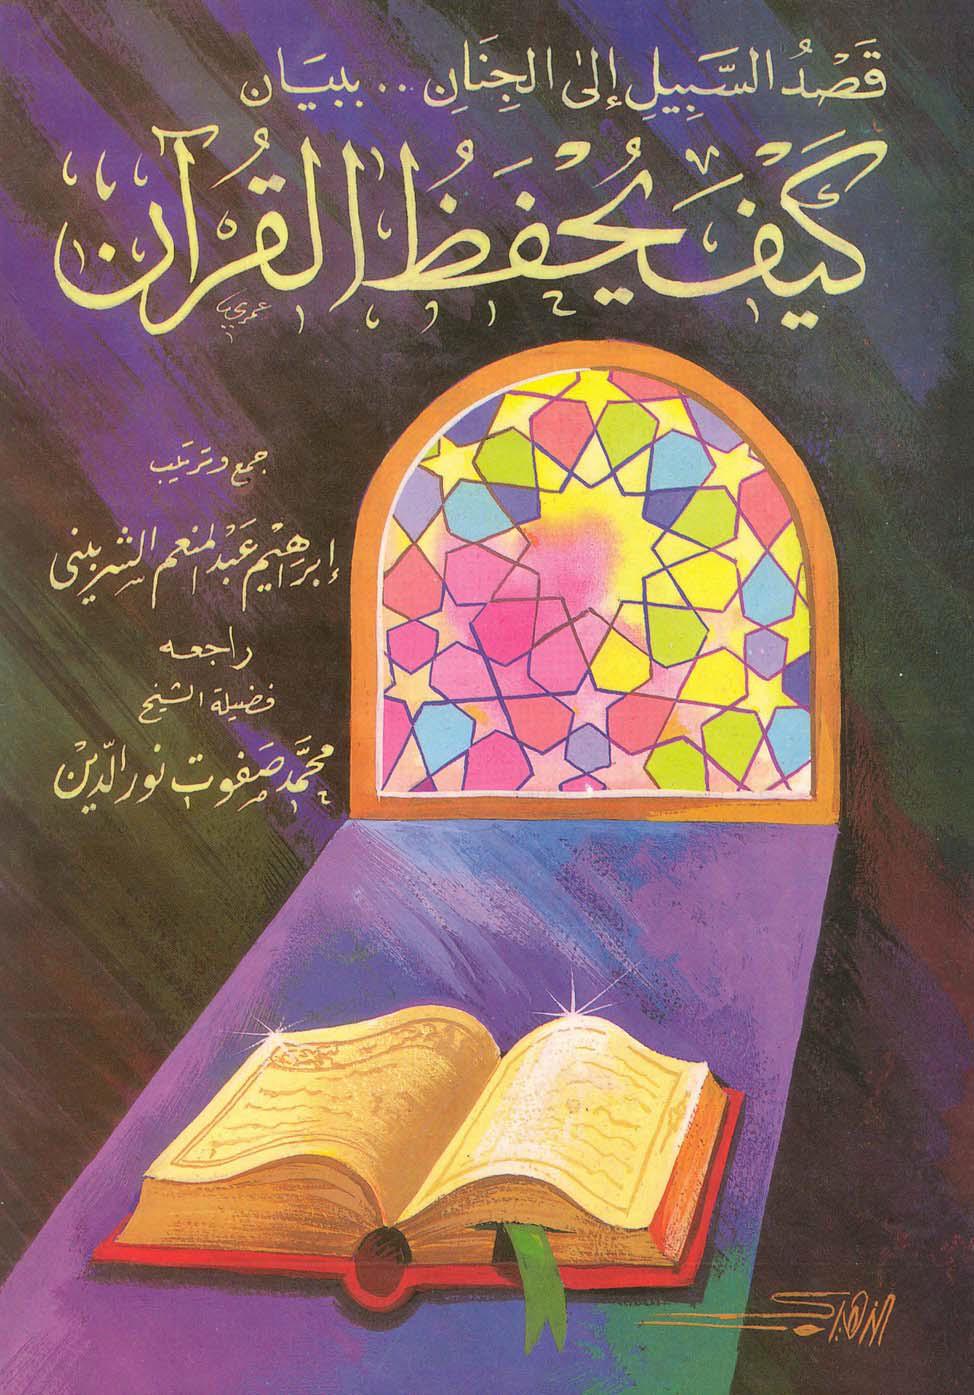 تحميل كتاب قصد السبيل إلى الجنان ببيان كيف يُحفظ القرآن لـِ: إبراهيم بن عبد المنعم الشربيني